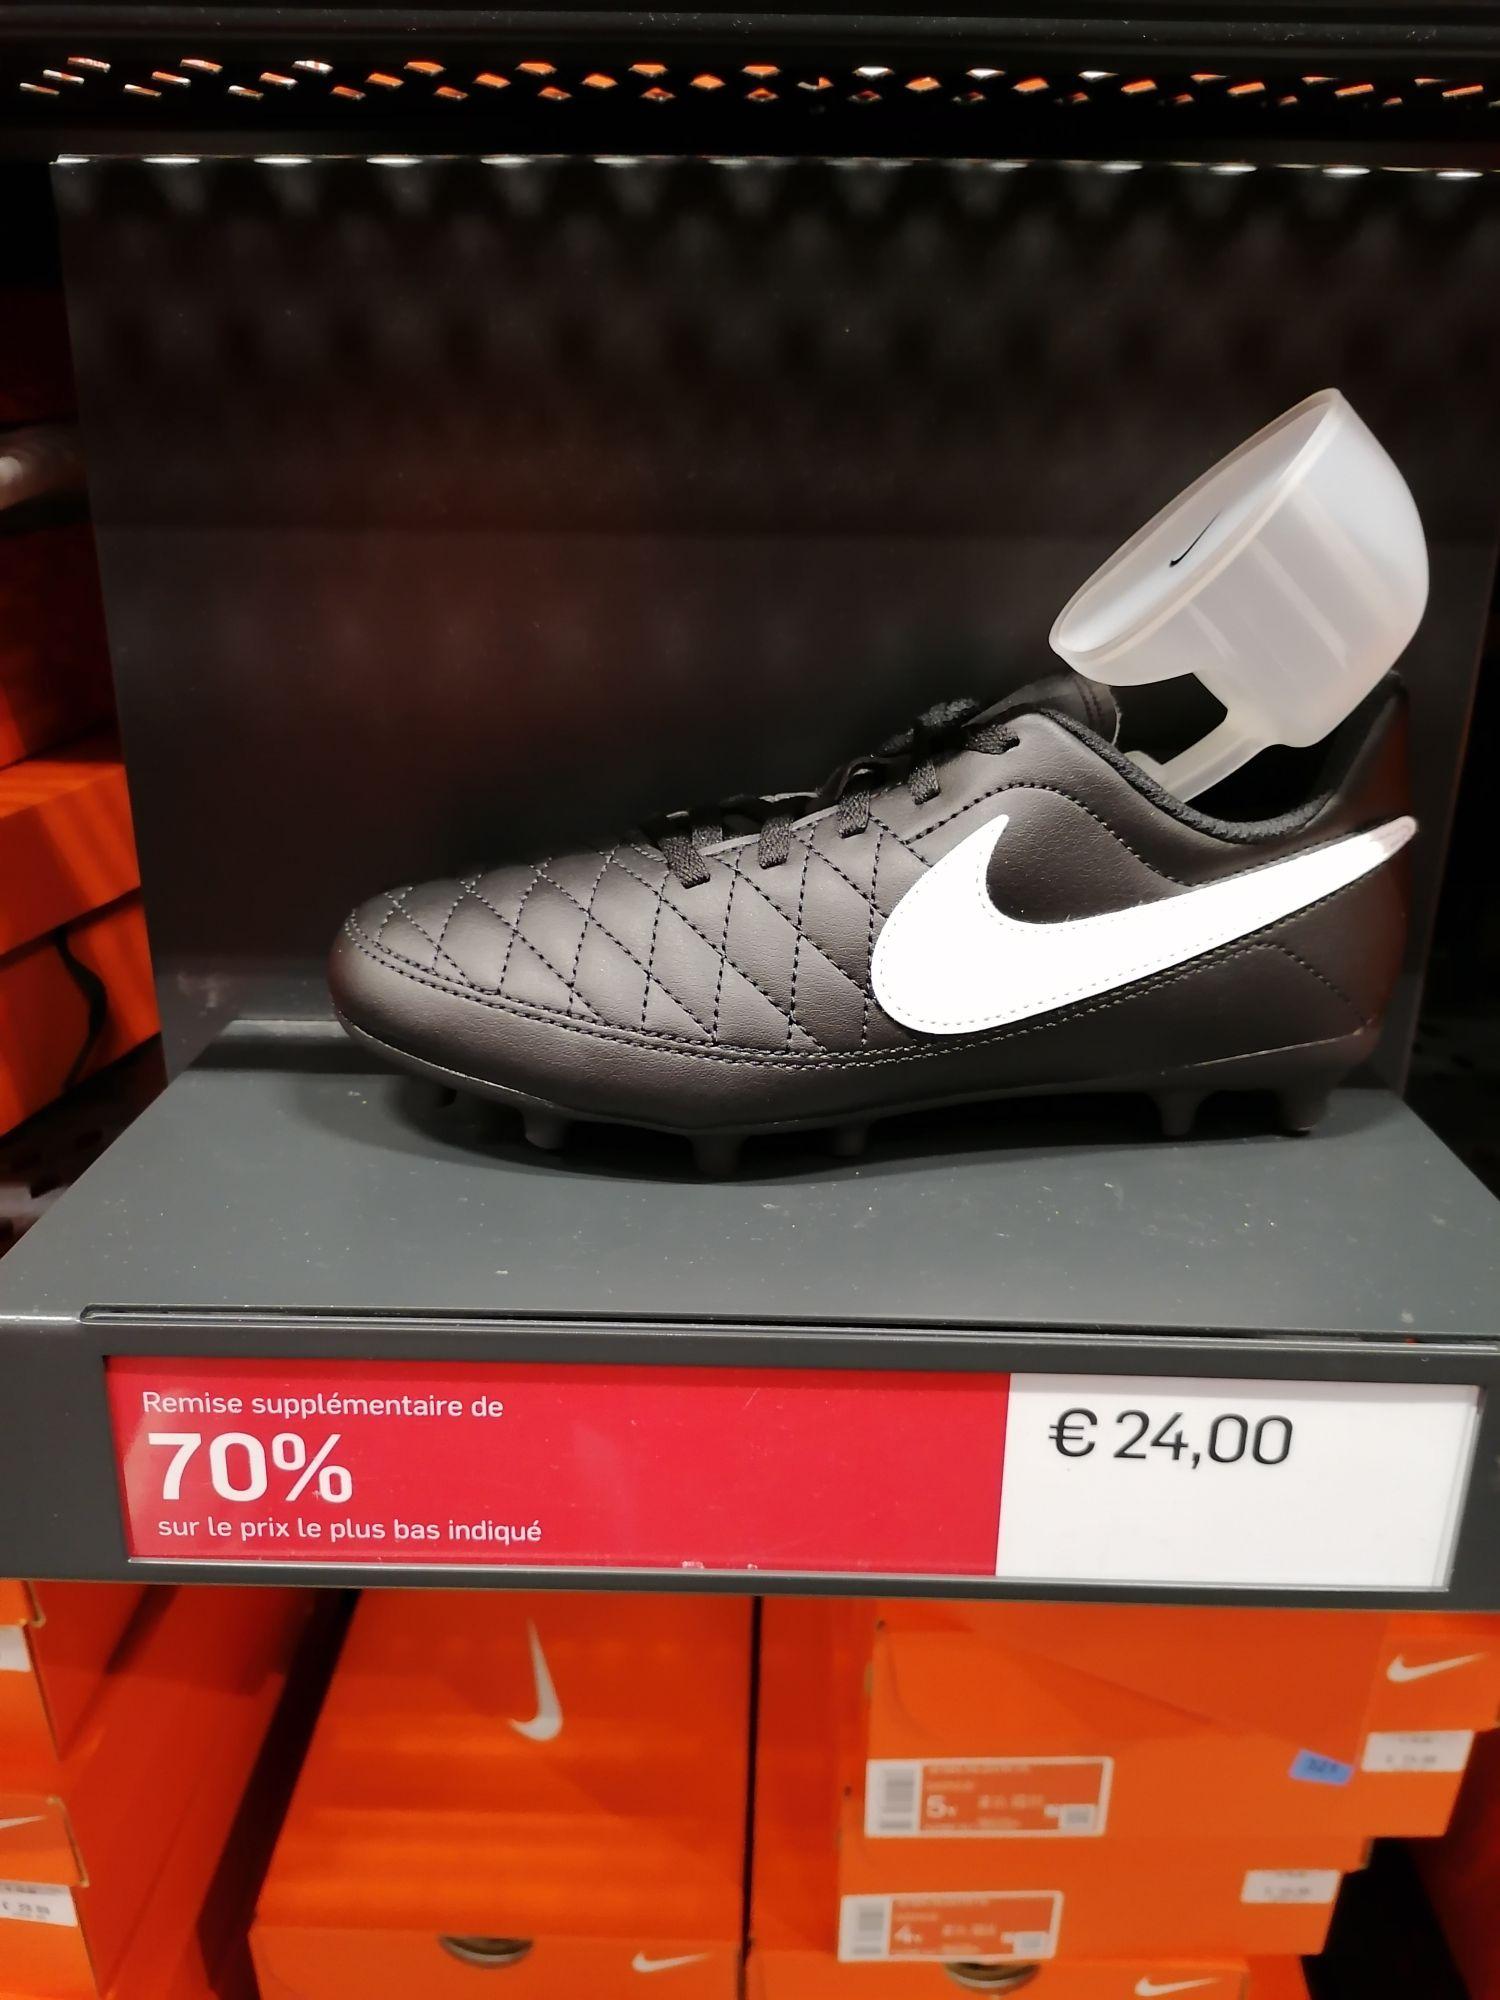 Chaussures de football enfant Nike - Village de marque Villefontaine (38)